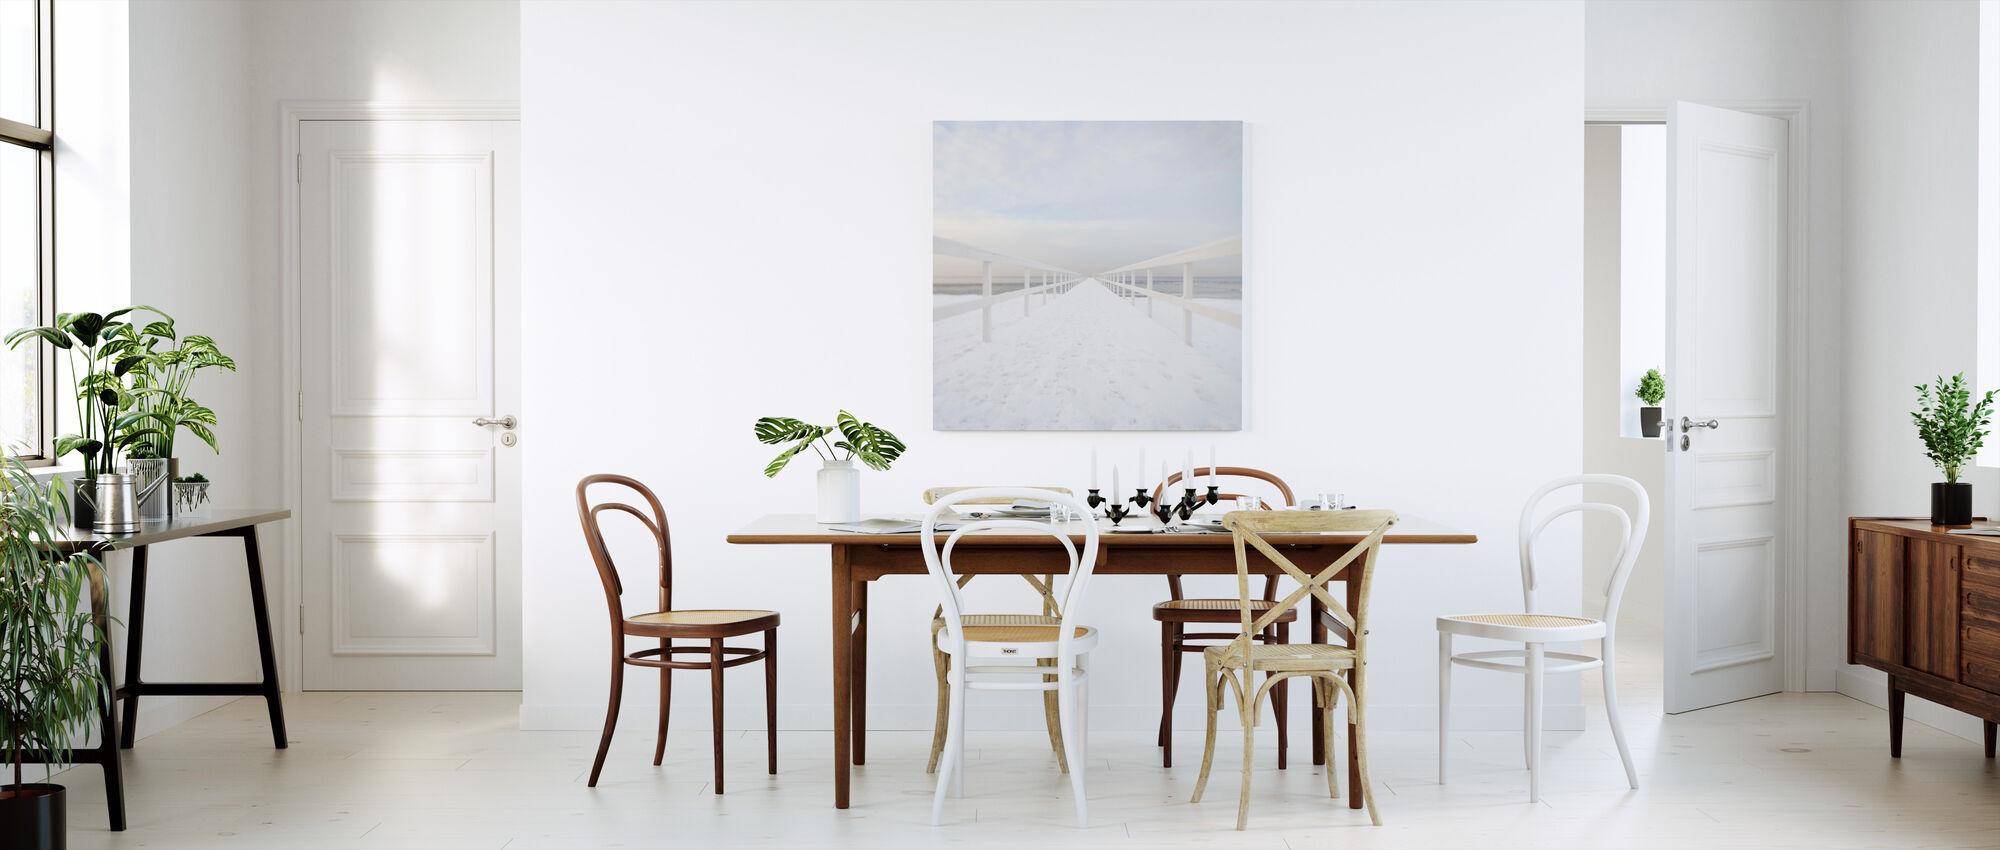 Winter Boardwalk, Suède - Impression sur toile - Cuisine